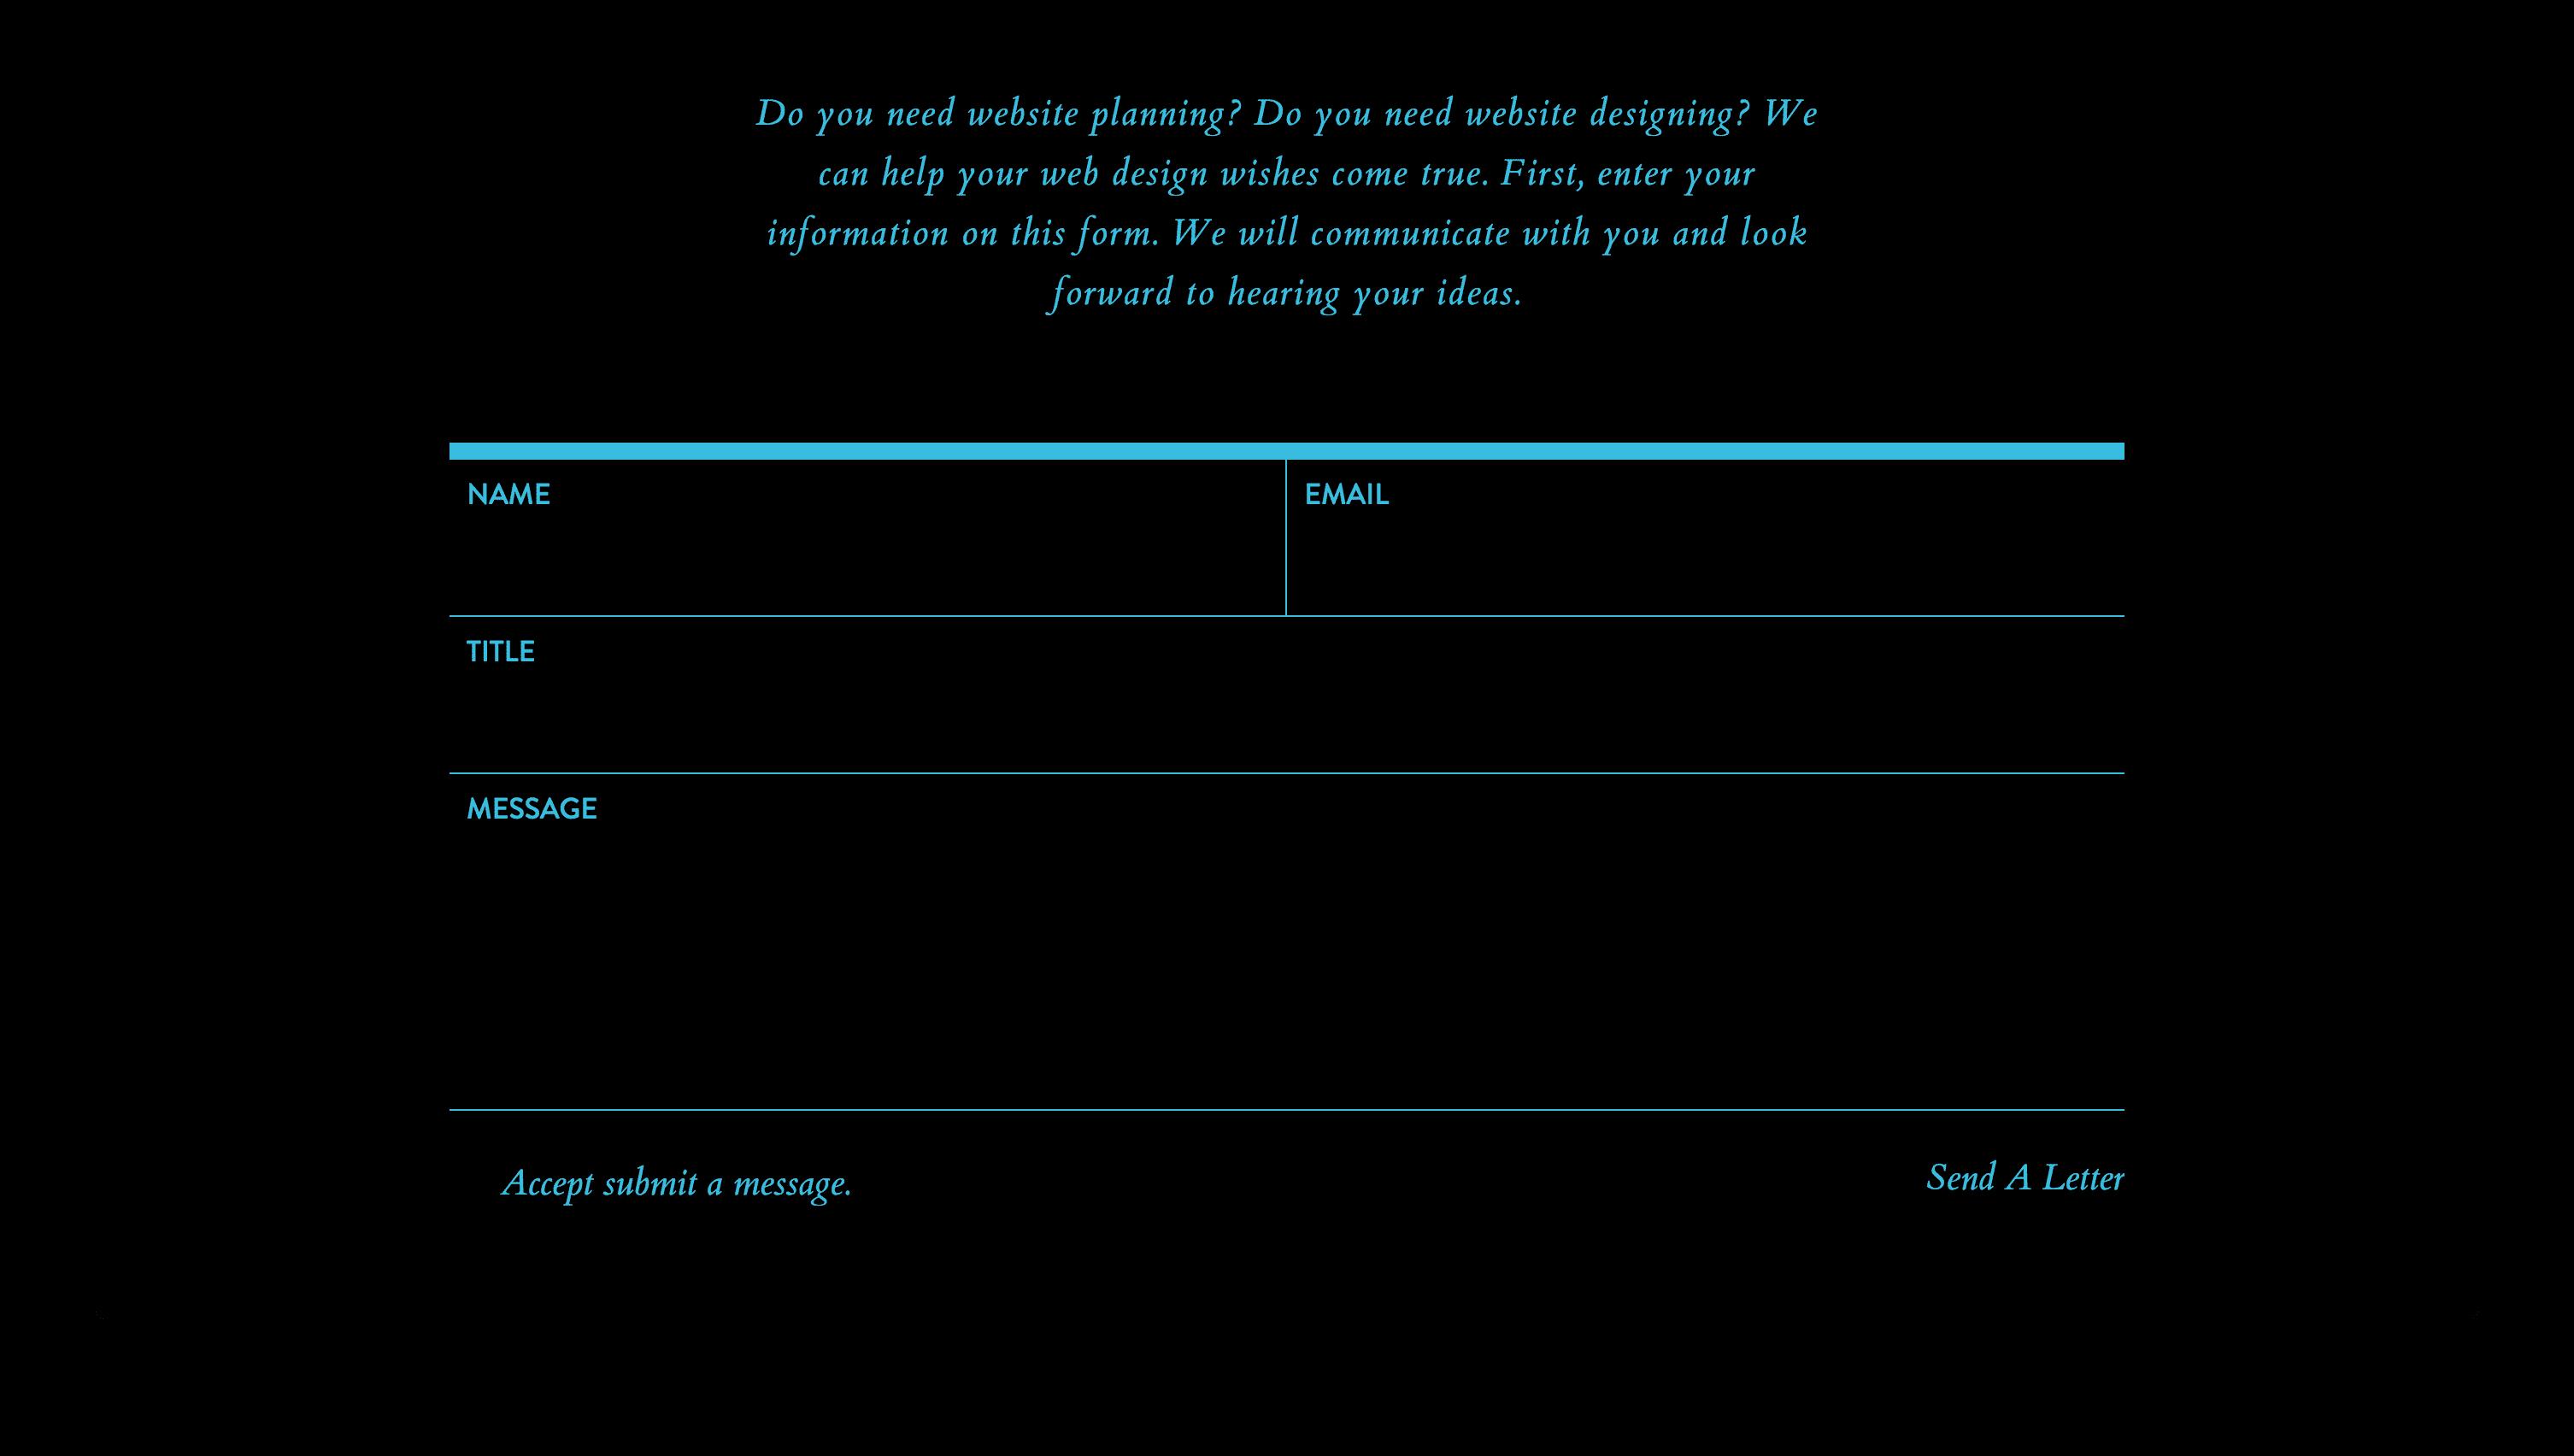 31_LettersINc